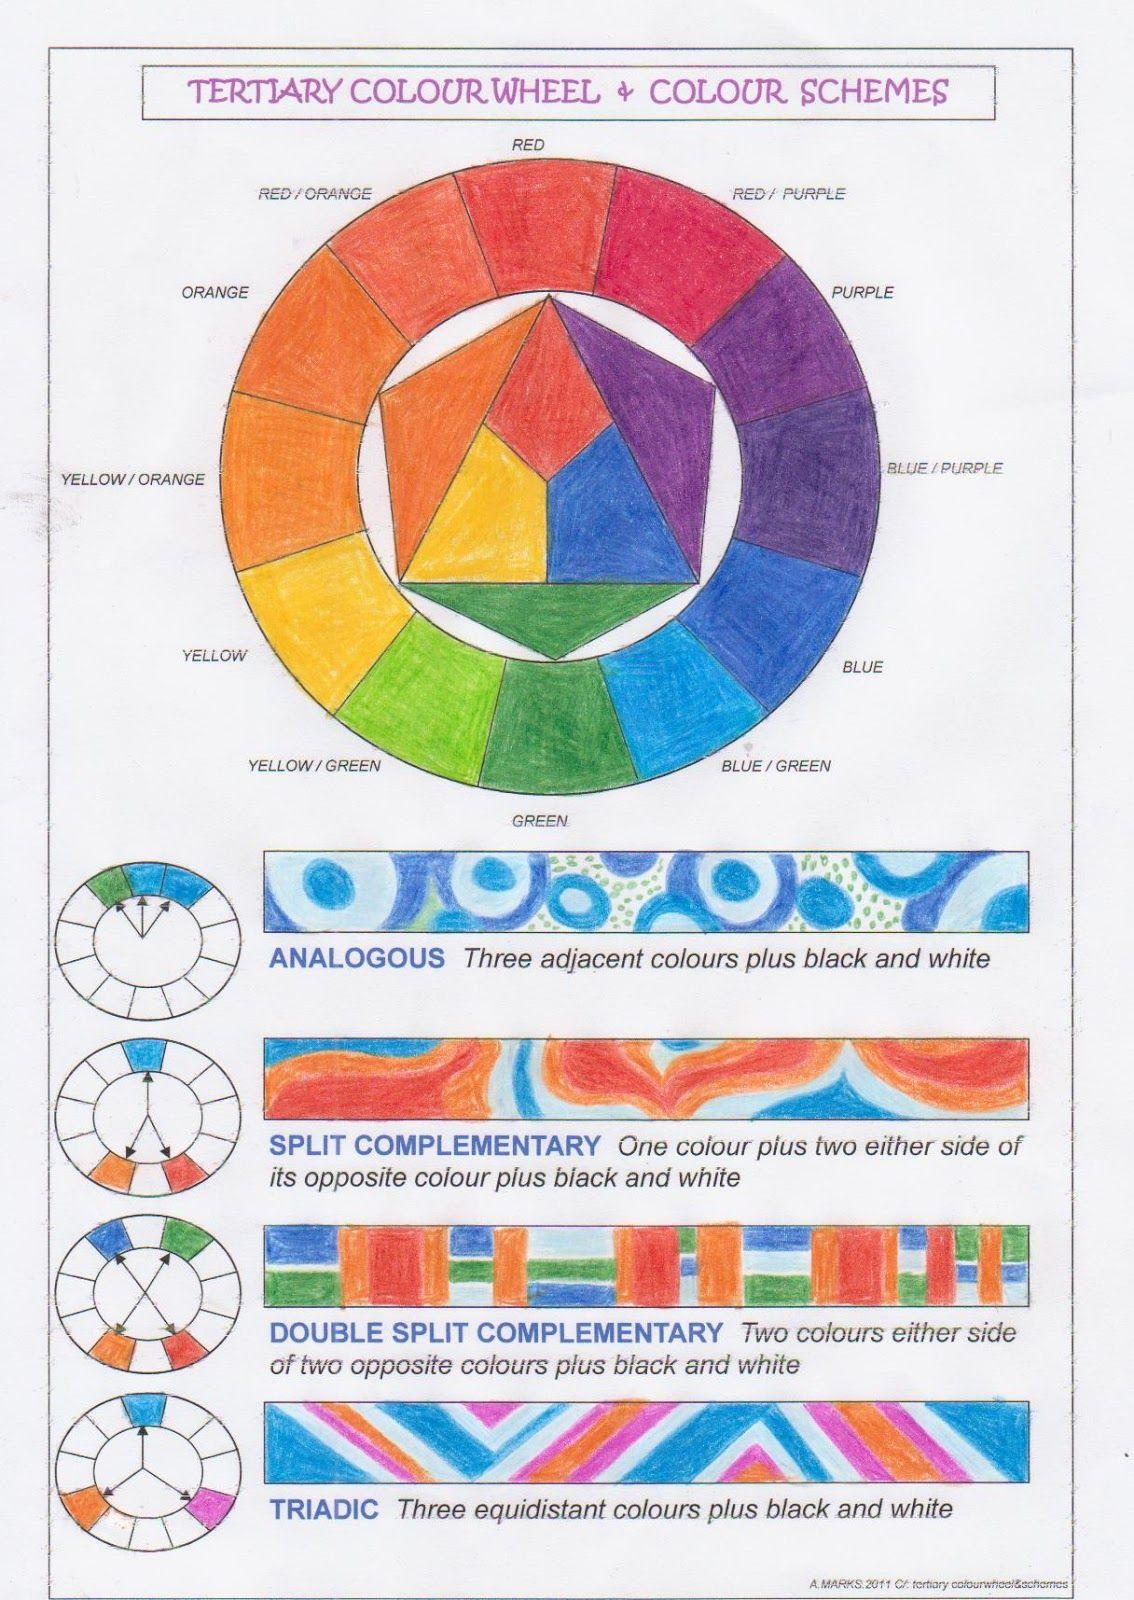 Zendala Dare 27 And Colour Schemes